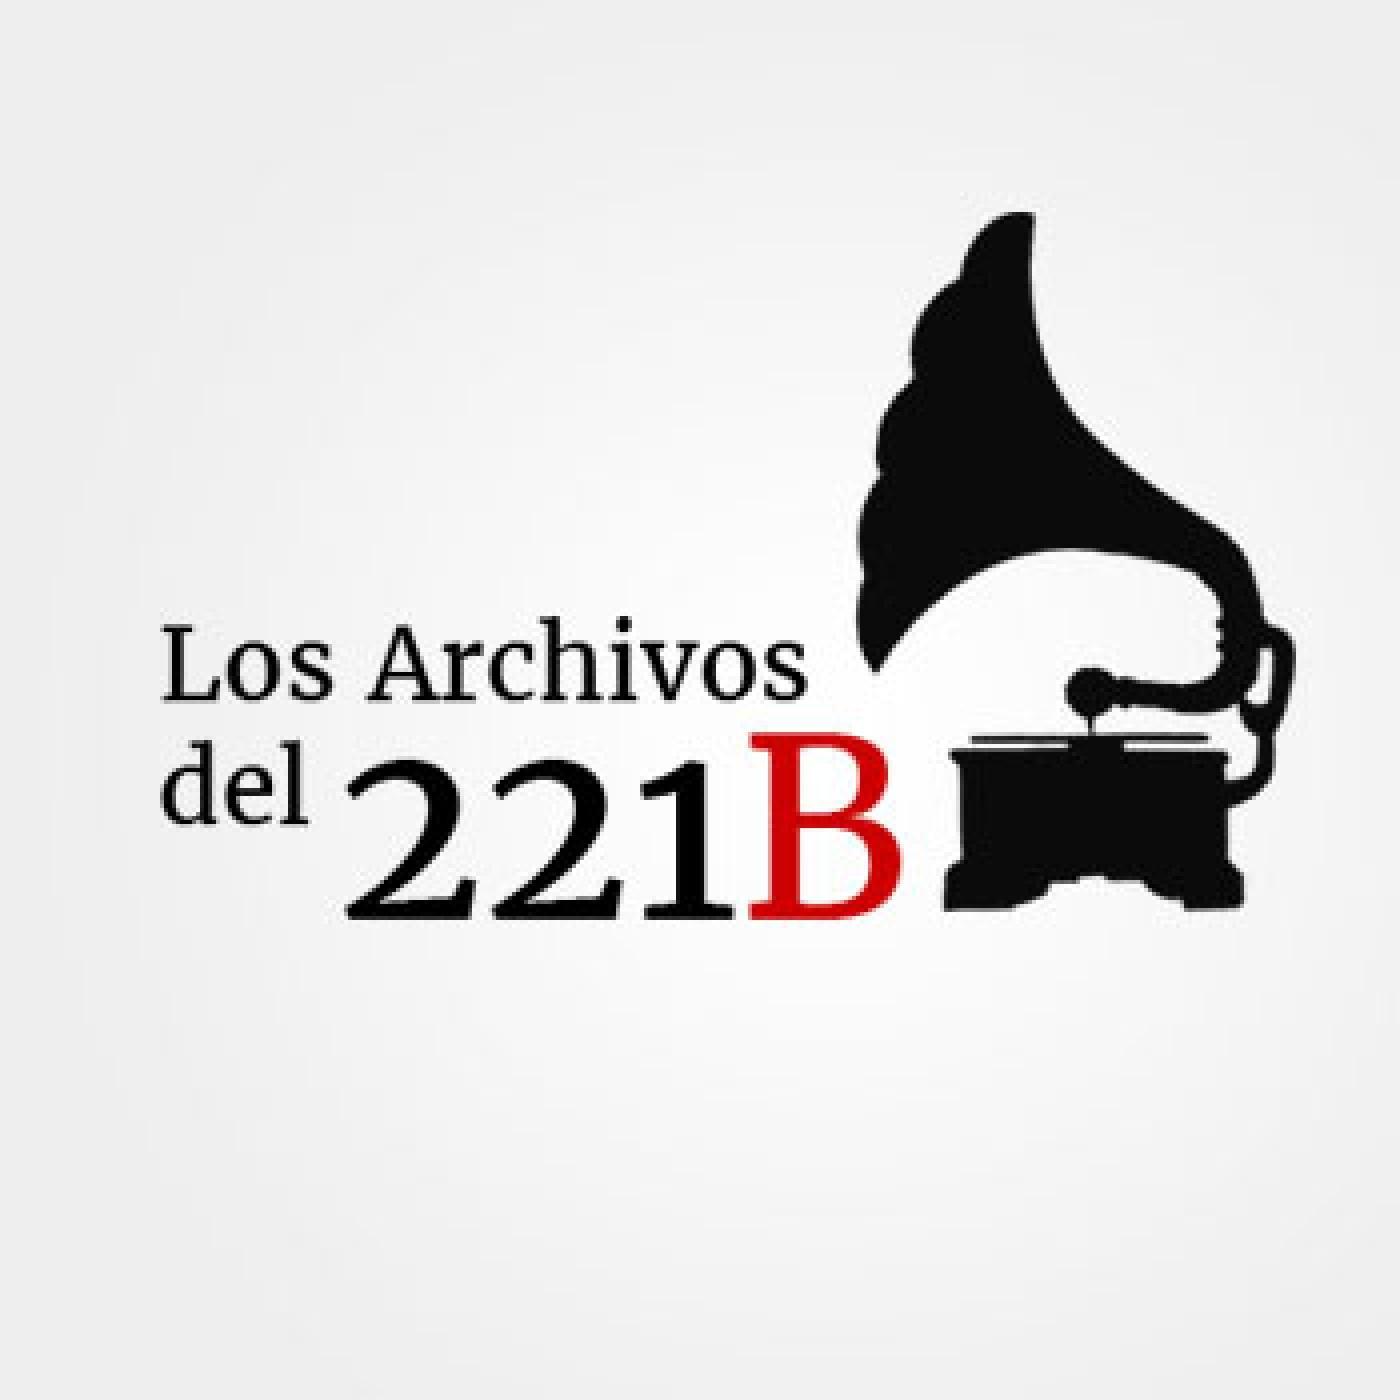 <![CDATA[Los Archivos del 221B]]>